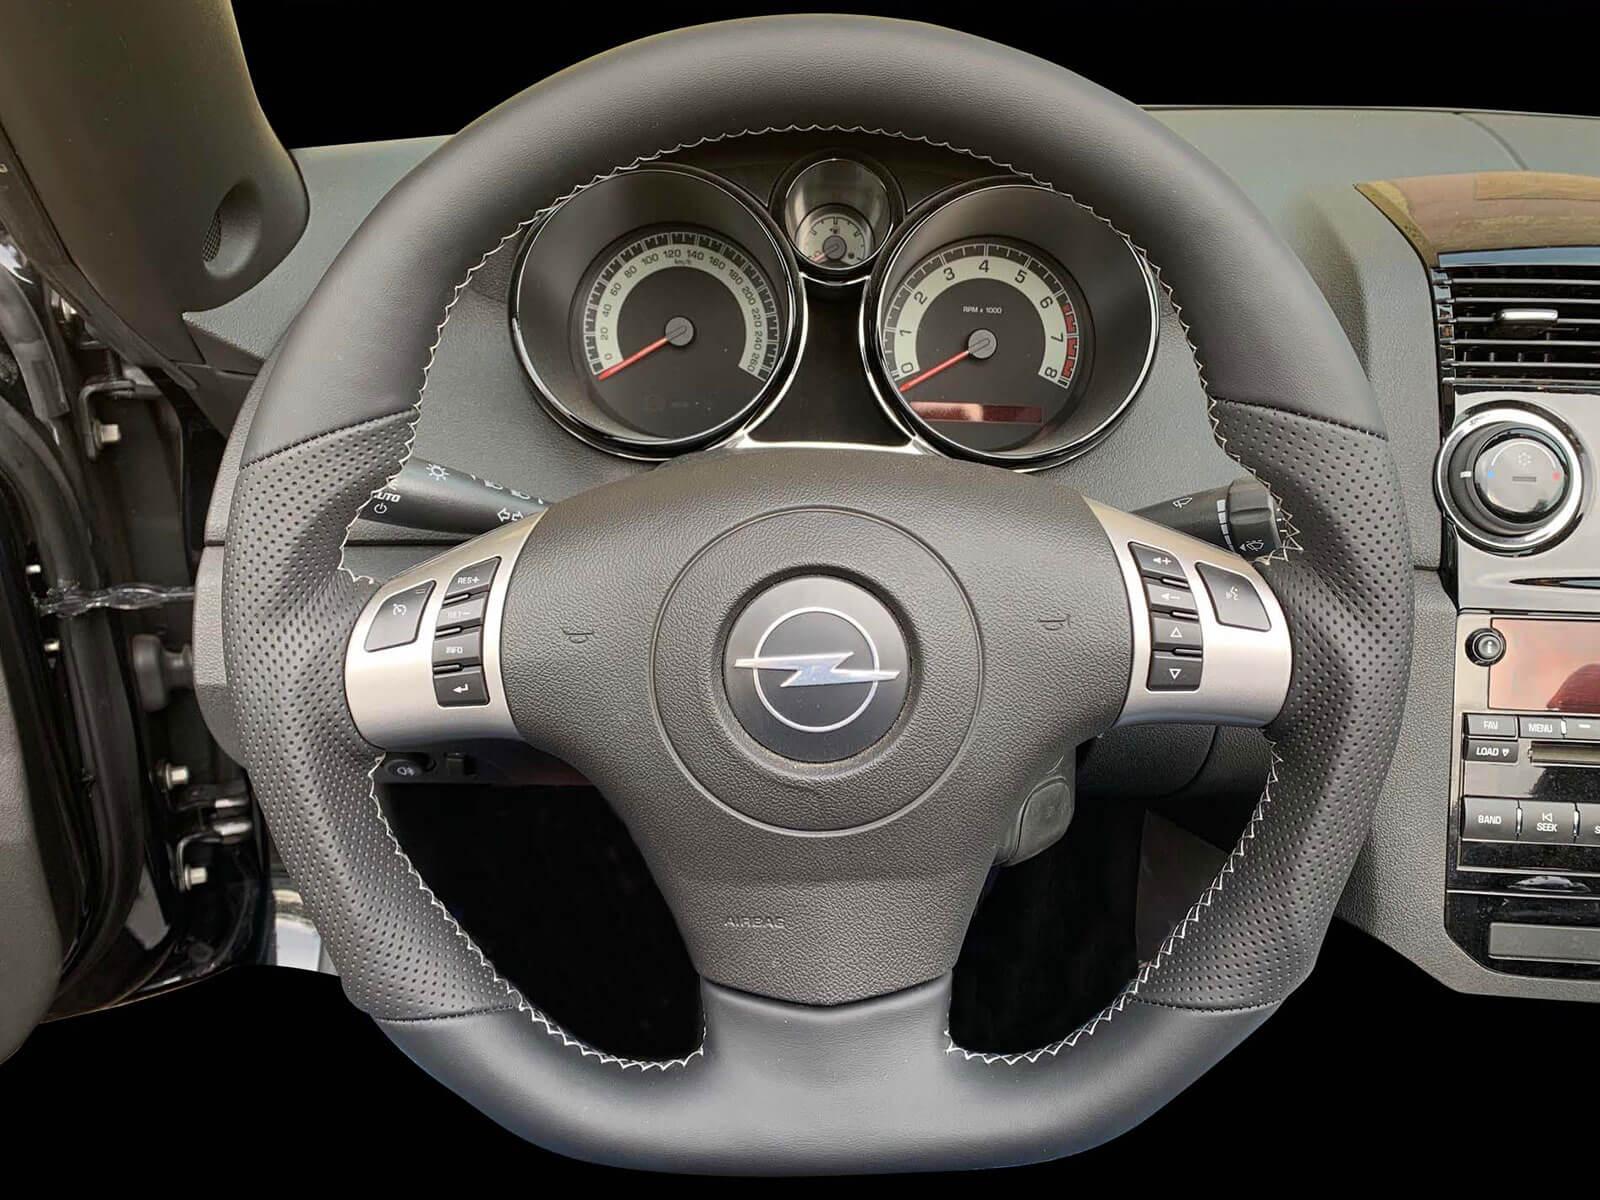 Kreis Tuning - Sportlenkrad in Leder in der Farbe Schwarz Opel GT